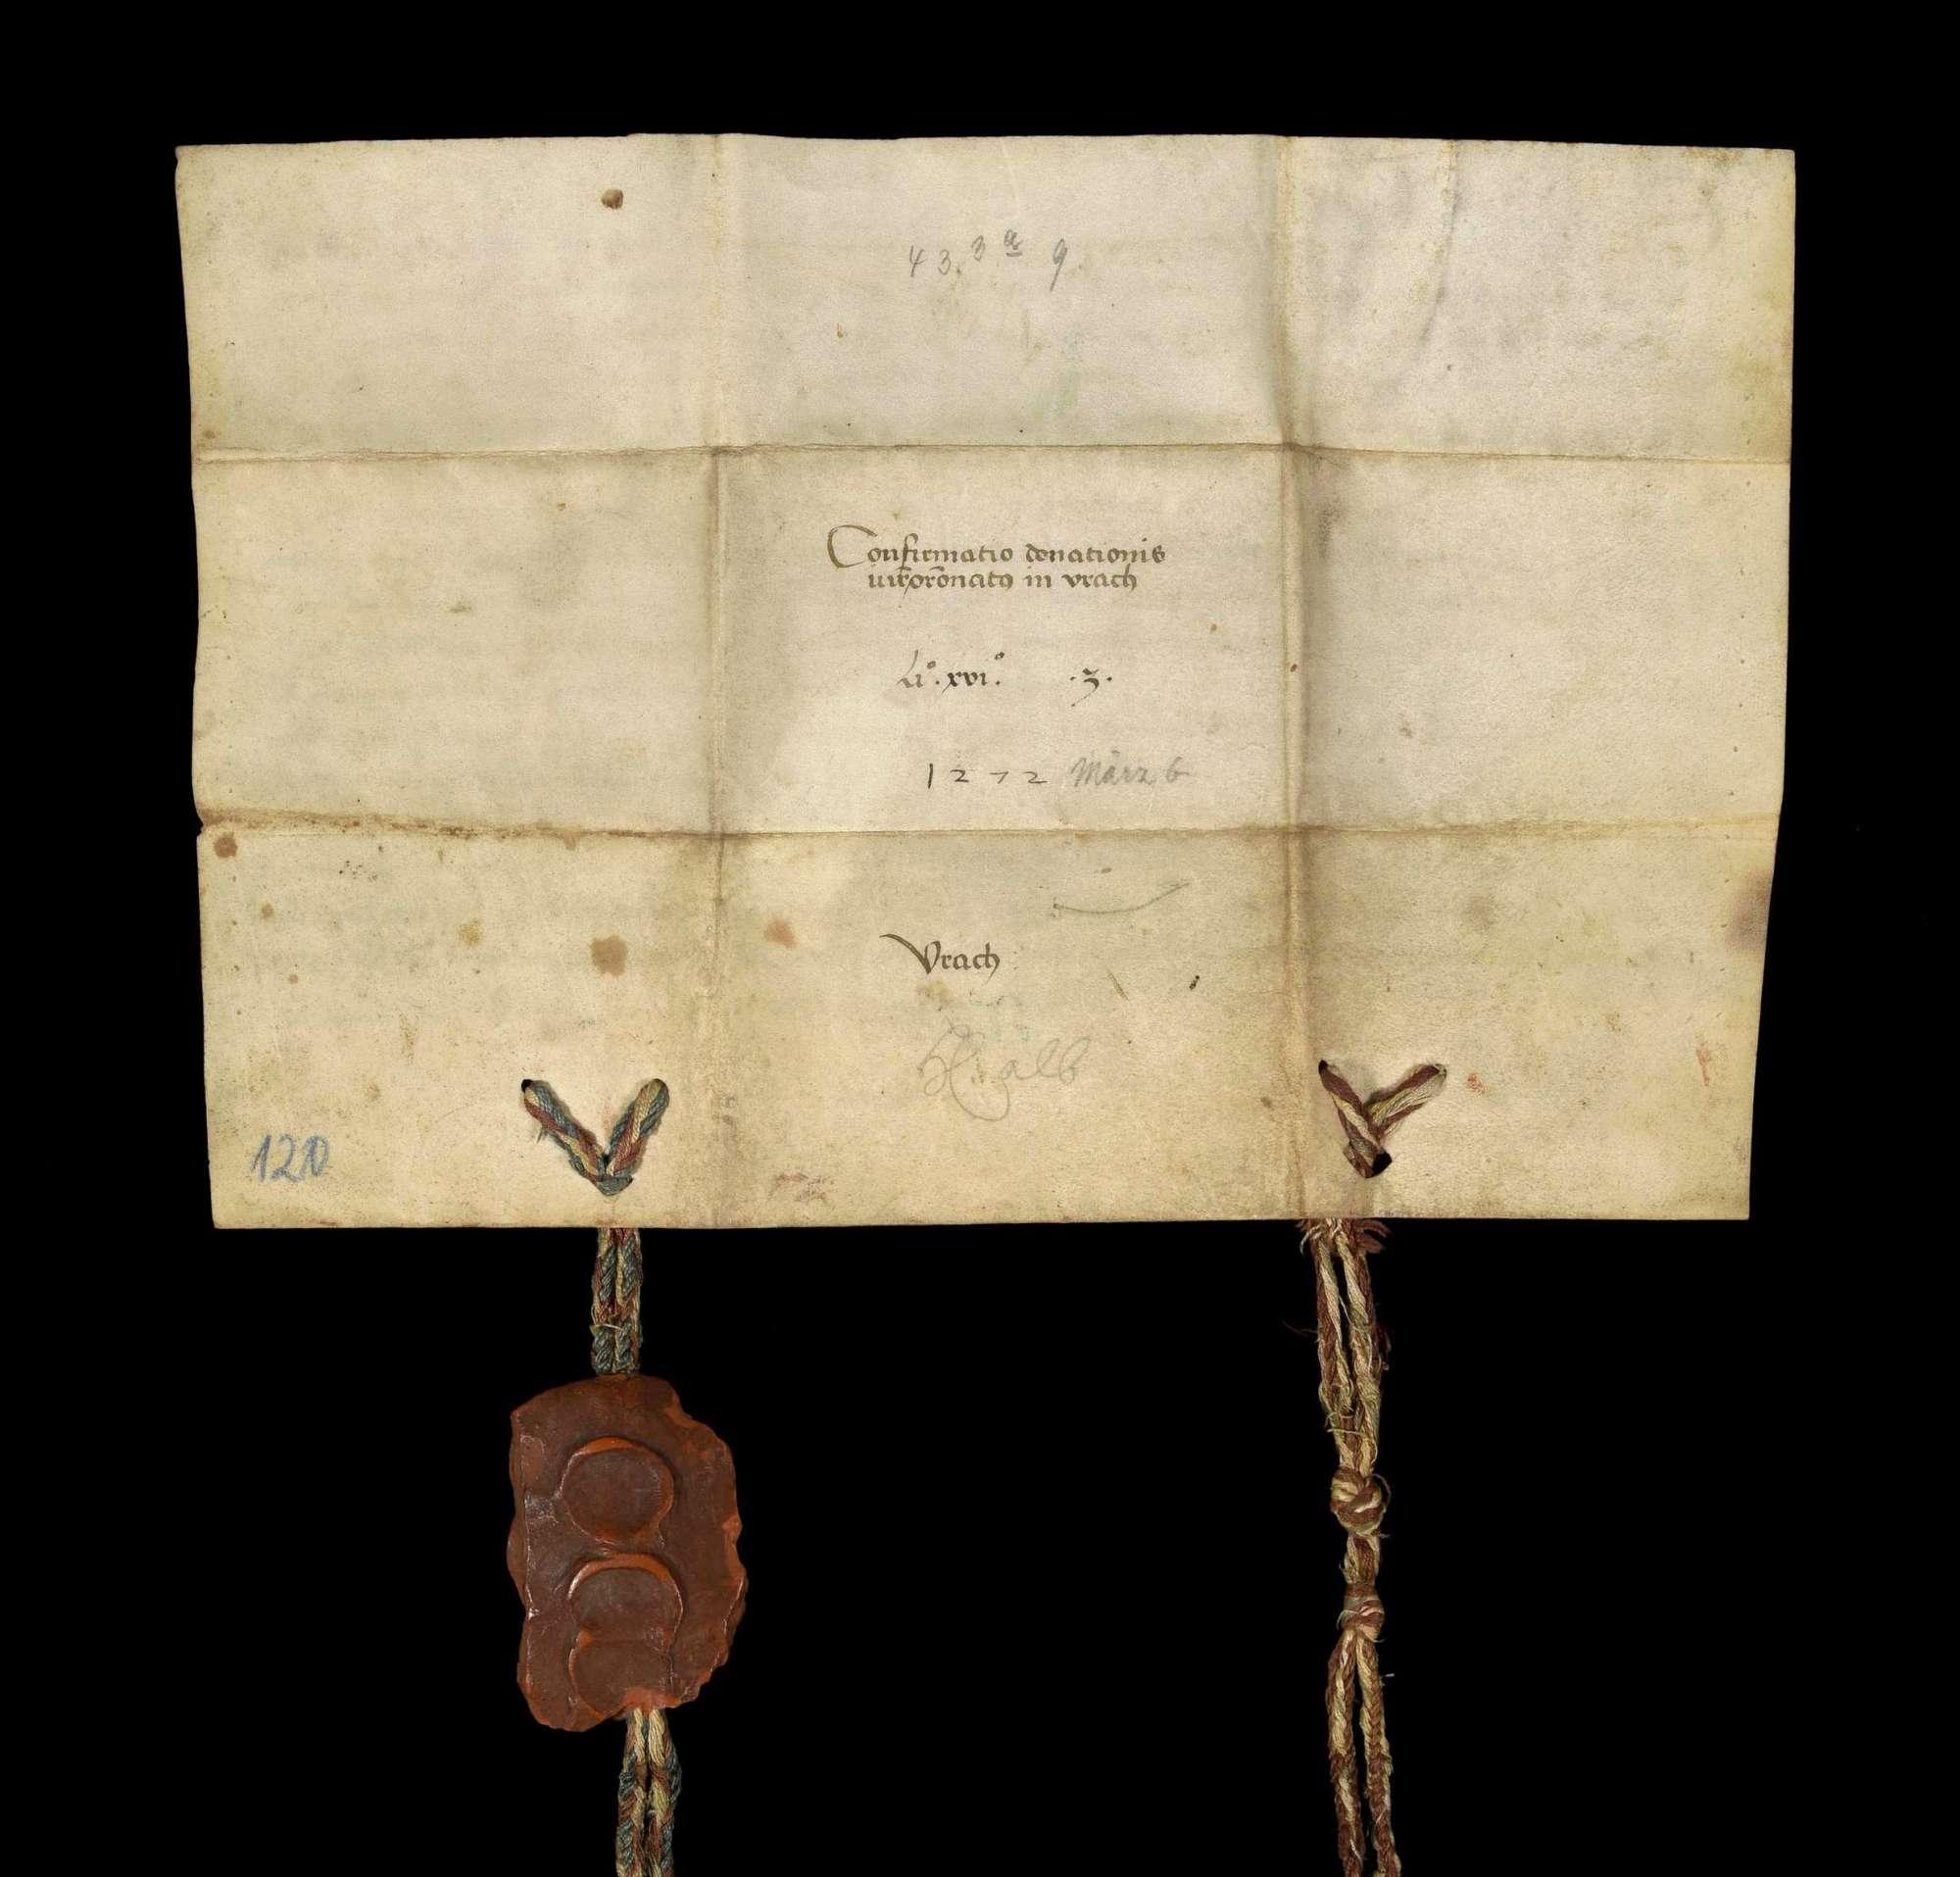 Die Grafen Emich und Friedrich von Leiningen bestätigen die durch Konrad von Hohenheim genannt Banbast mit Einwilligung seiner Söhne Konrad und Johann geschehene Schenkung des Patronatrechts der Kirche zu Aurich an das Kloster Herrenalb., v